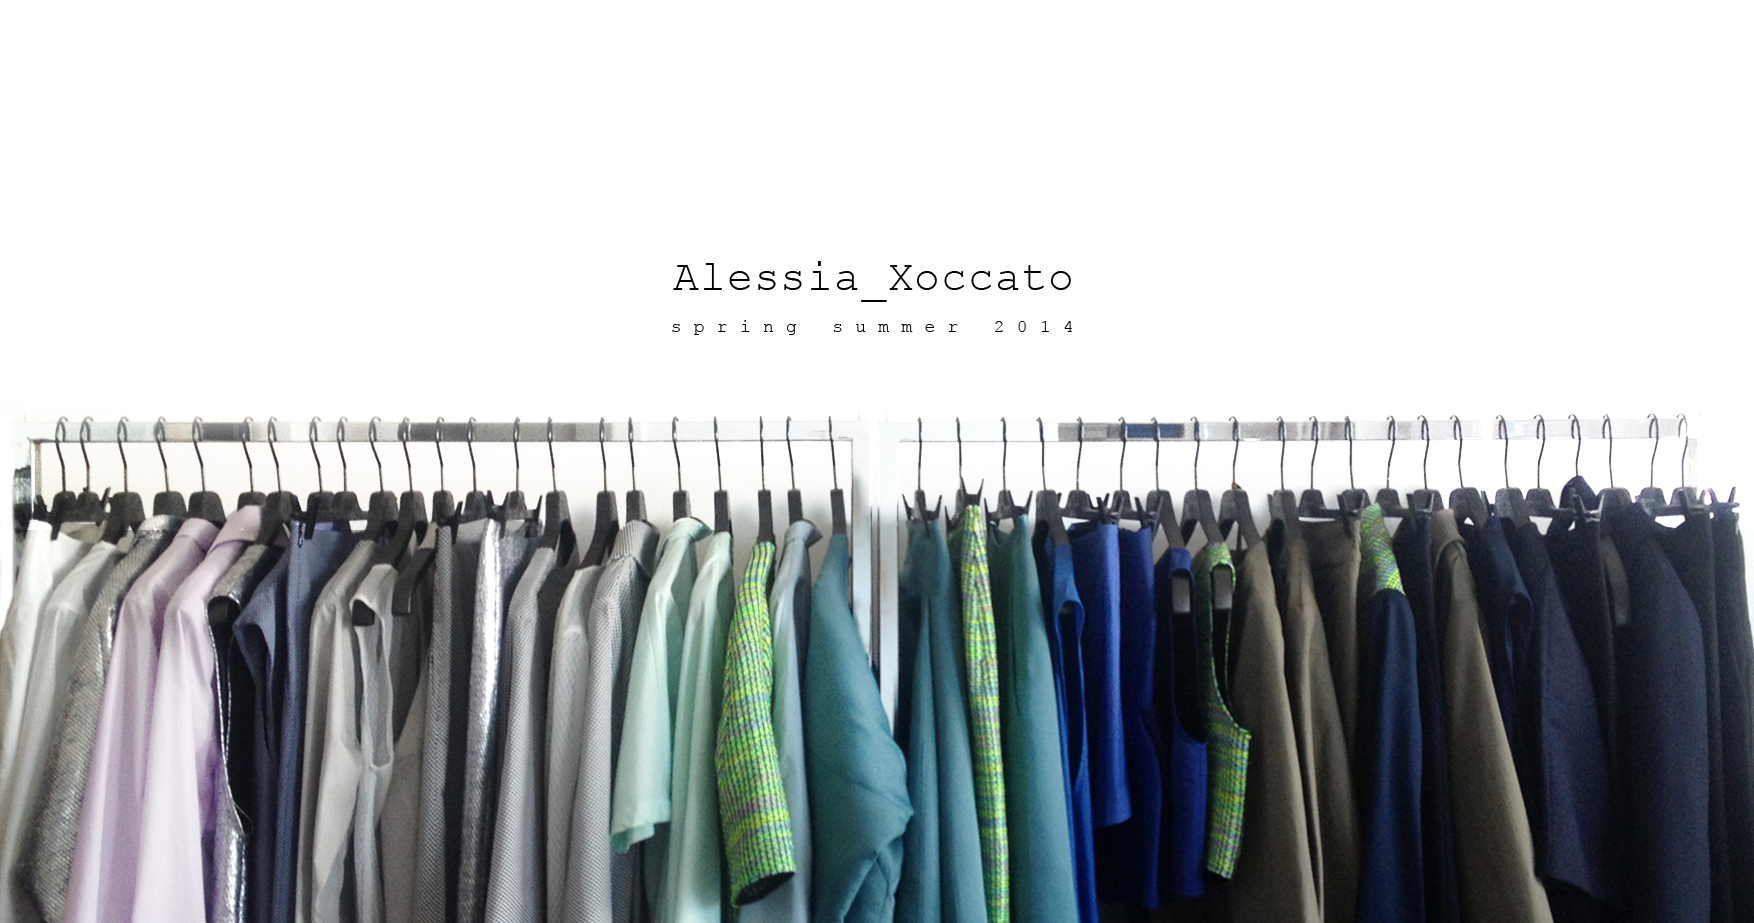 Alessia Xoccato AX-SS14-presentation.jpg